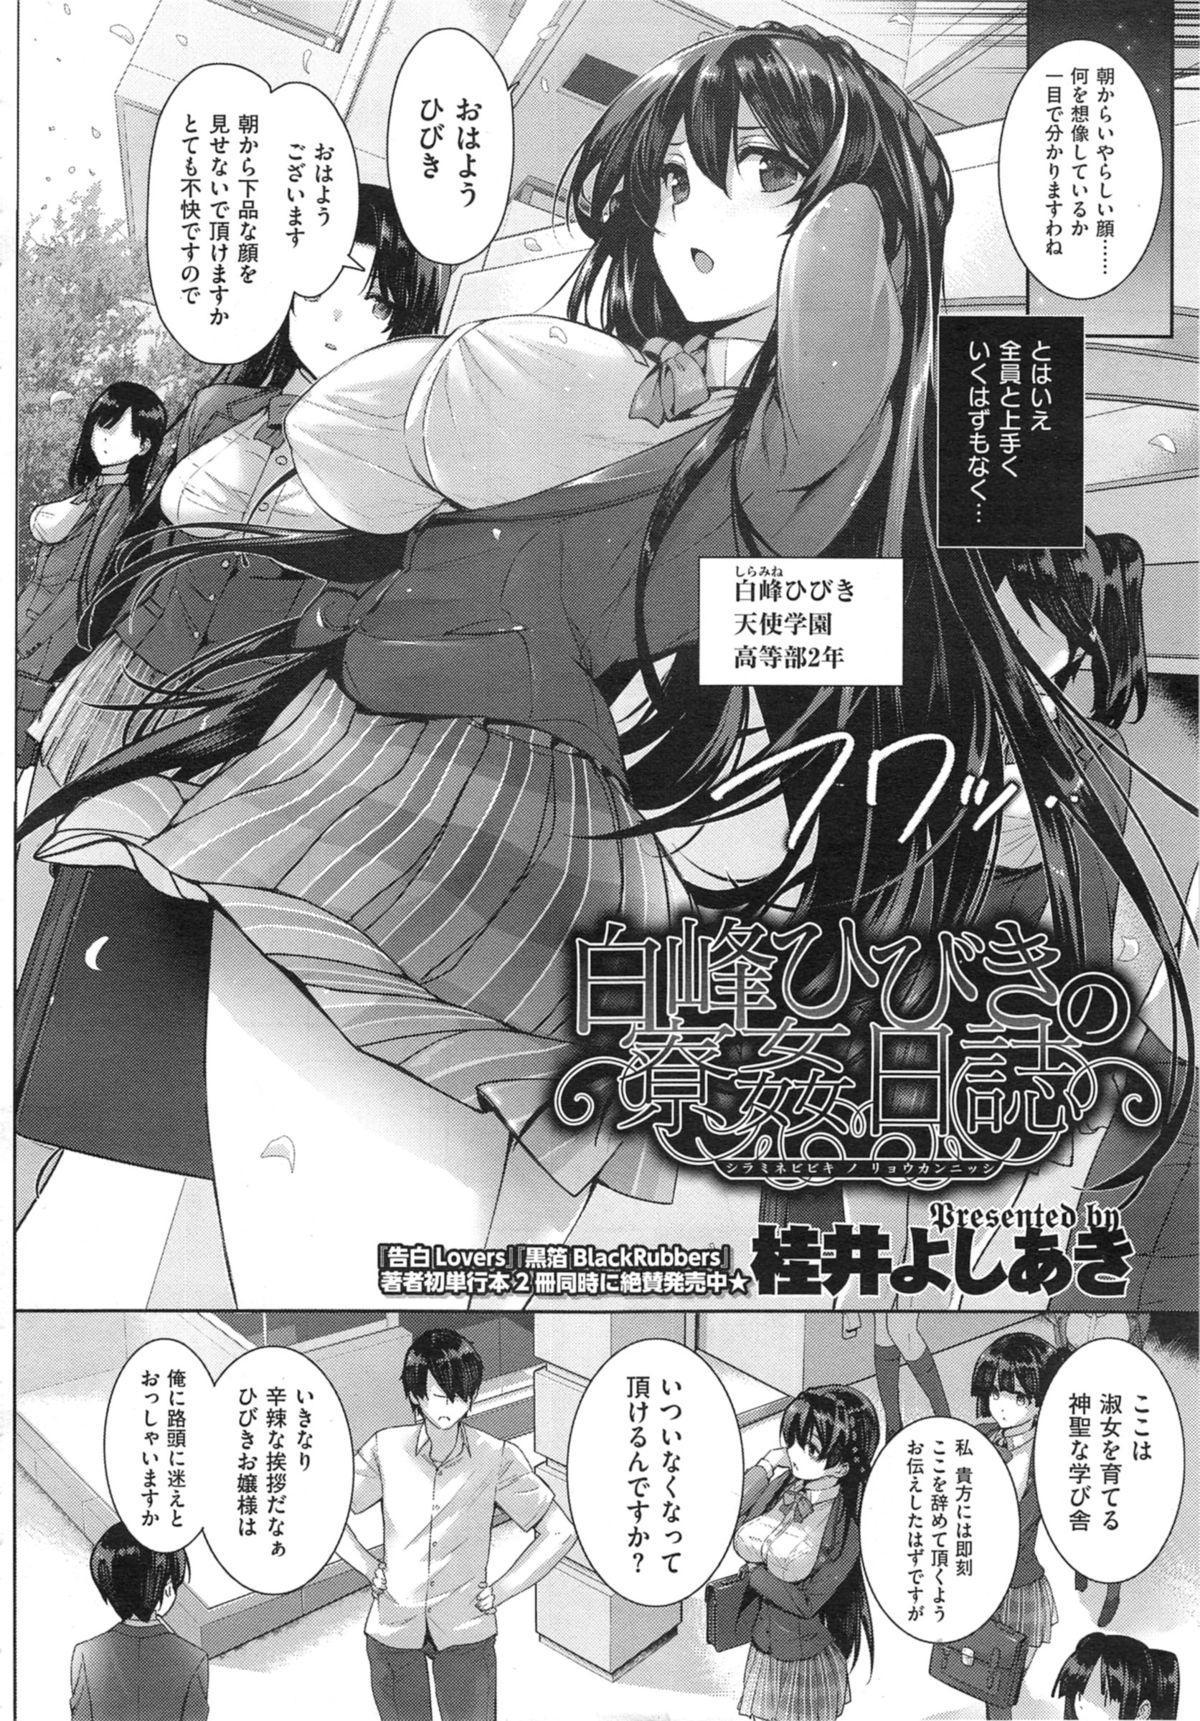 shiramine hibiki no ryoukannisshi 3